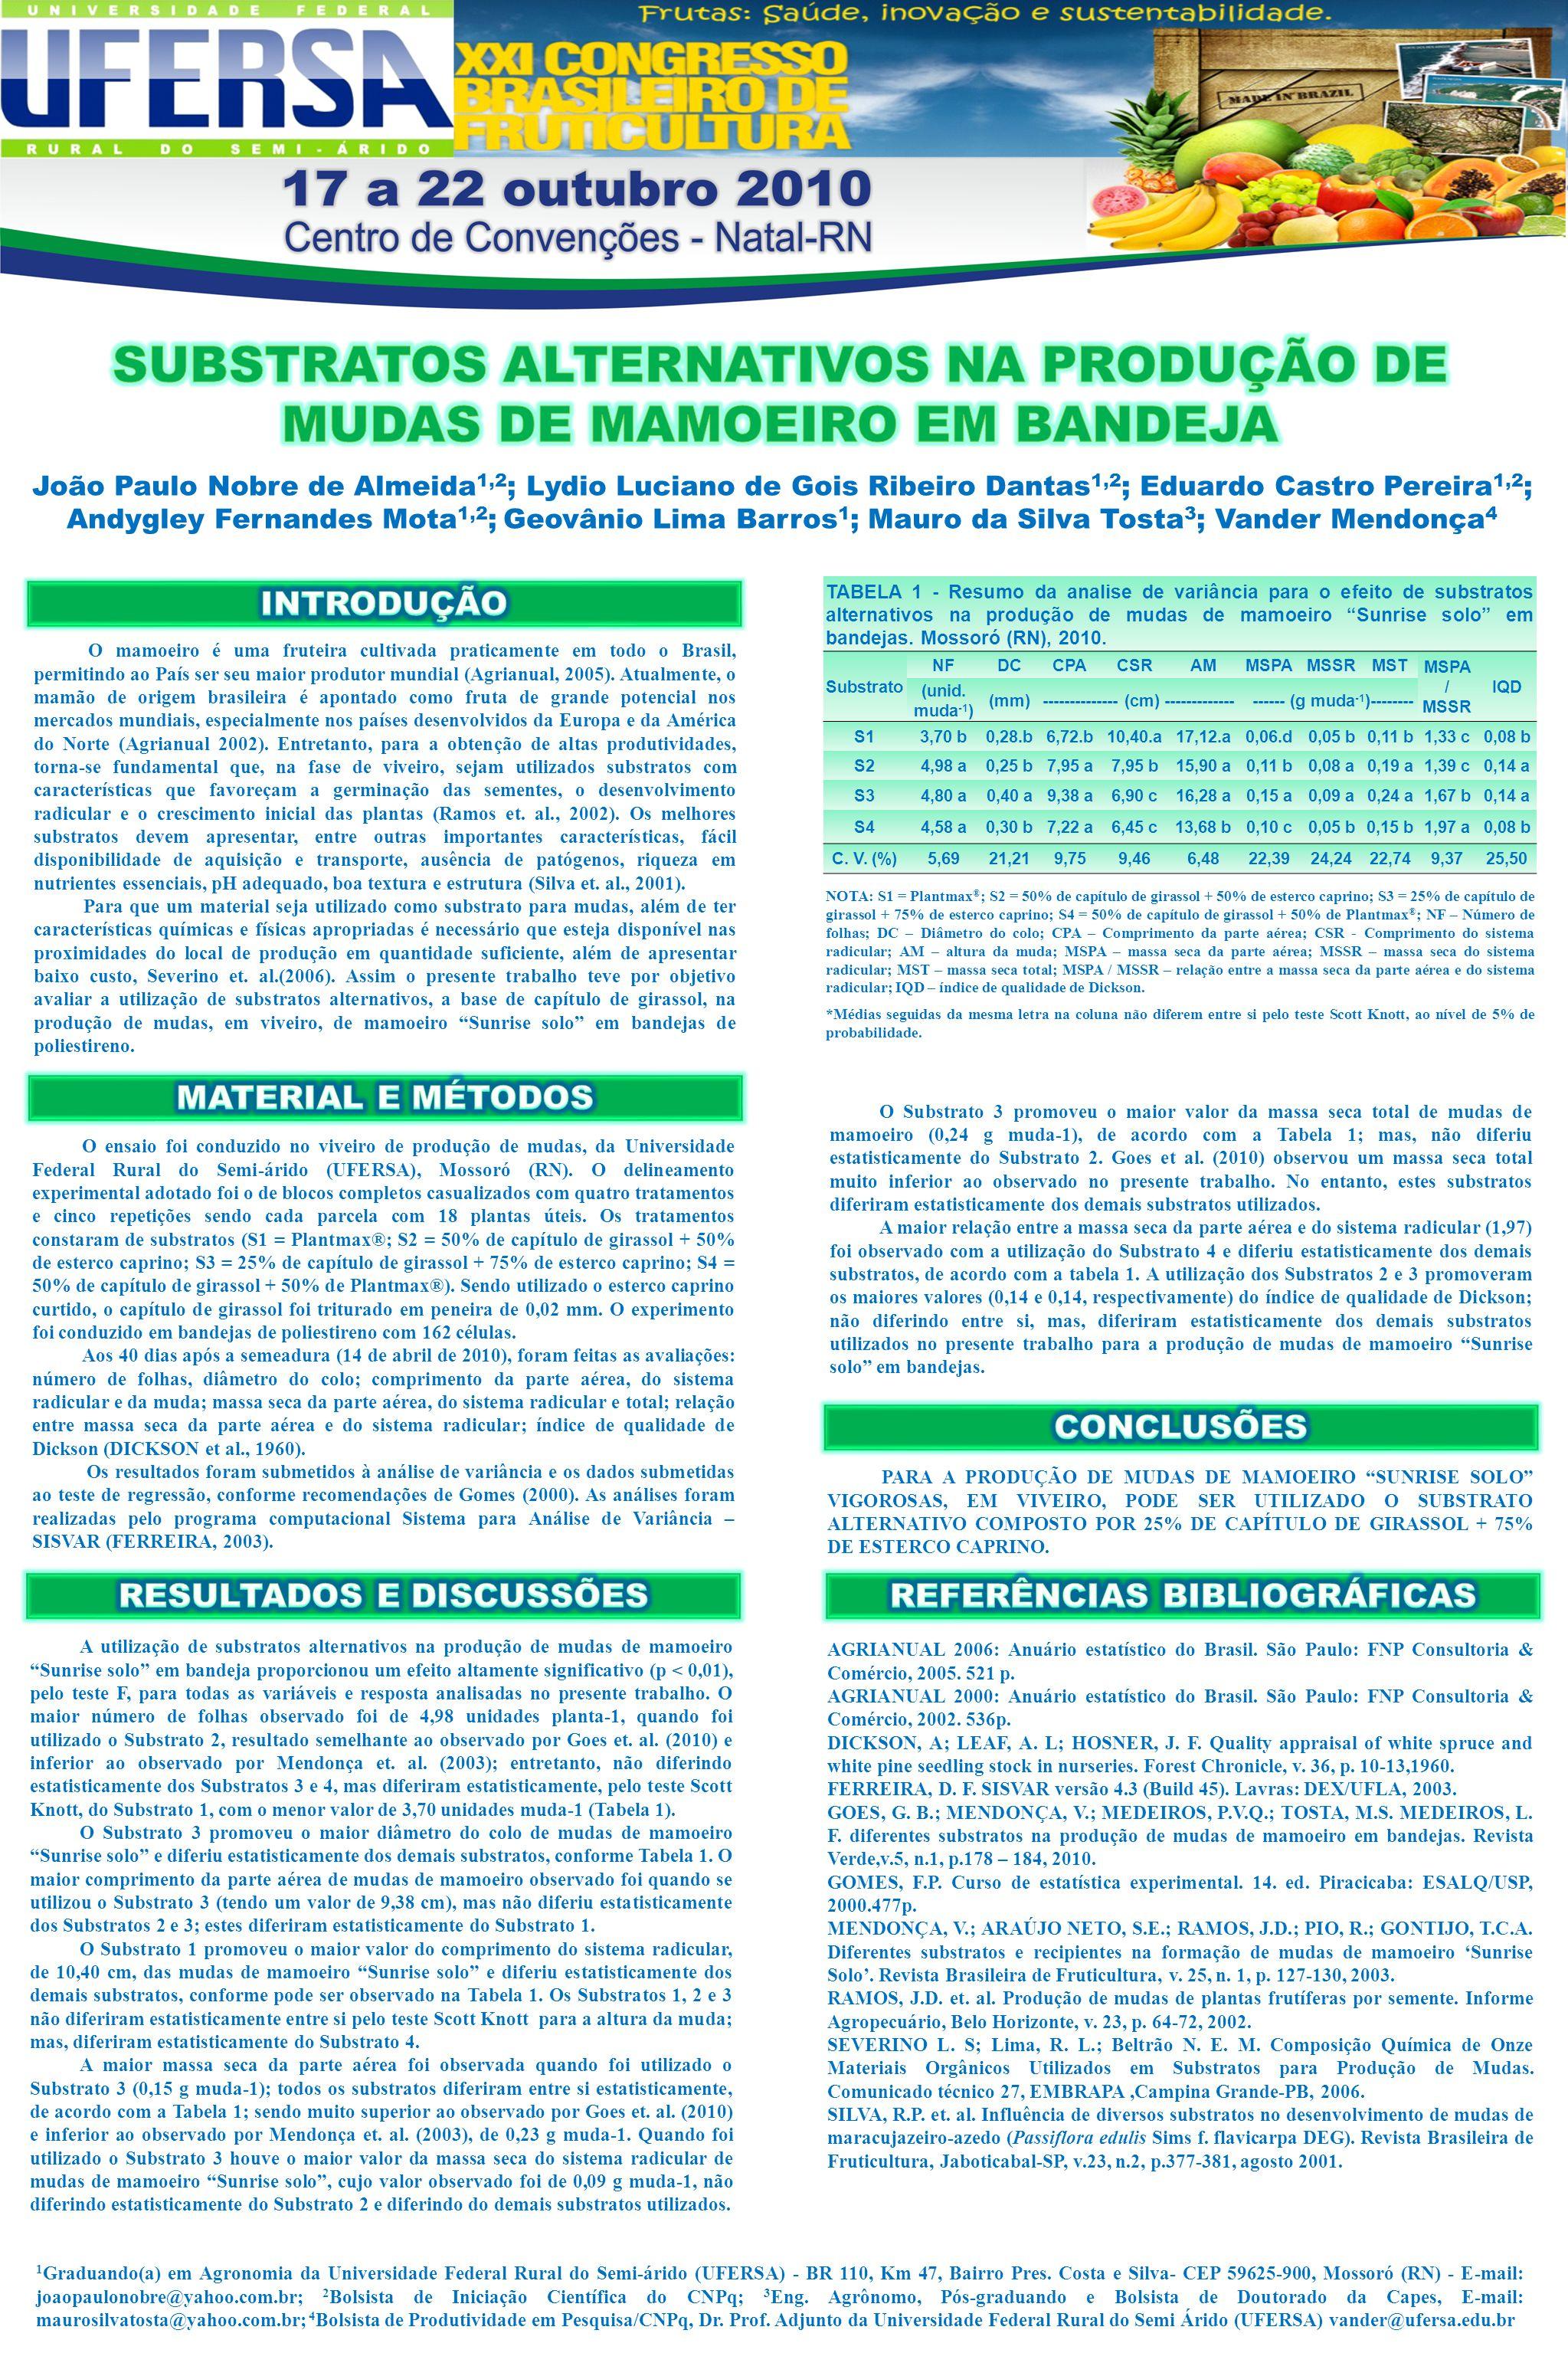 """PARA A PRODUÇÃO DE MUDAS DE MAMOEIRO """"SUNRISE SOLO"""" VIGOROSAS, EM VIVEIRO, PODE SER UTILIZADO O SUBSTRATO ALTERNATIVO COMPOSTO POR 25% DE CAPÍTULO DE"""